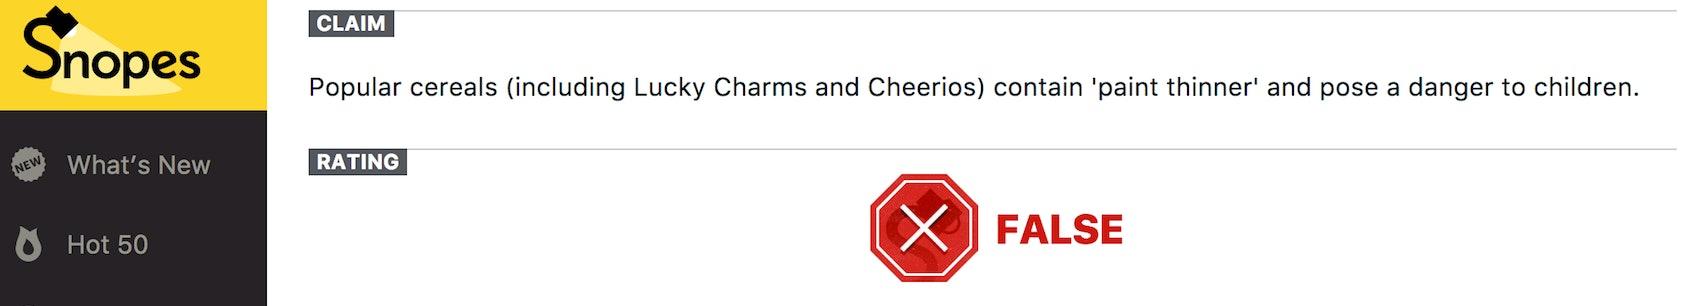 Snopes Lucky Charms Cheerios debunking